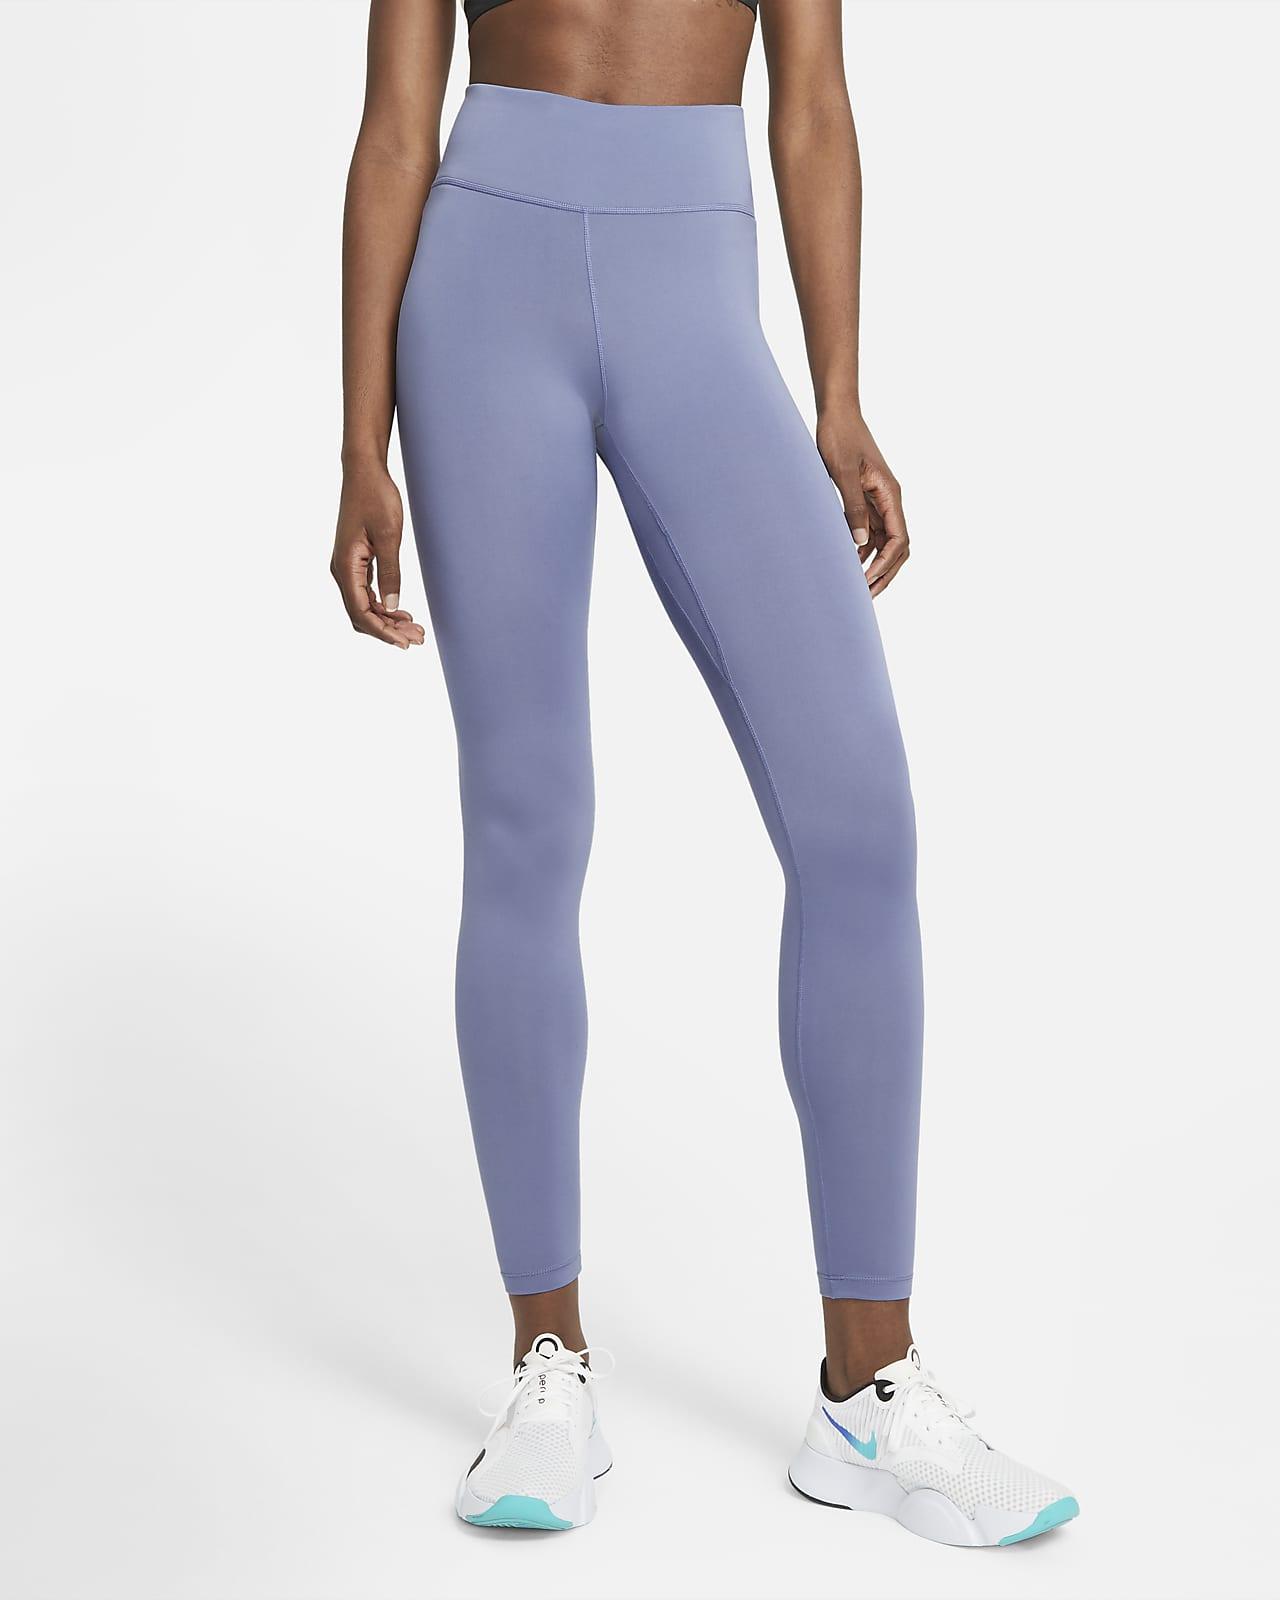 Nike One Damestights met halfhoge taille